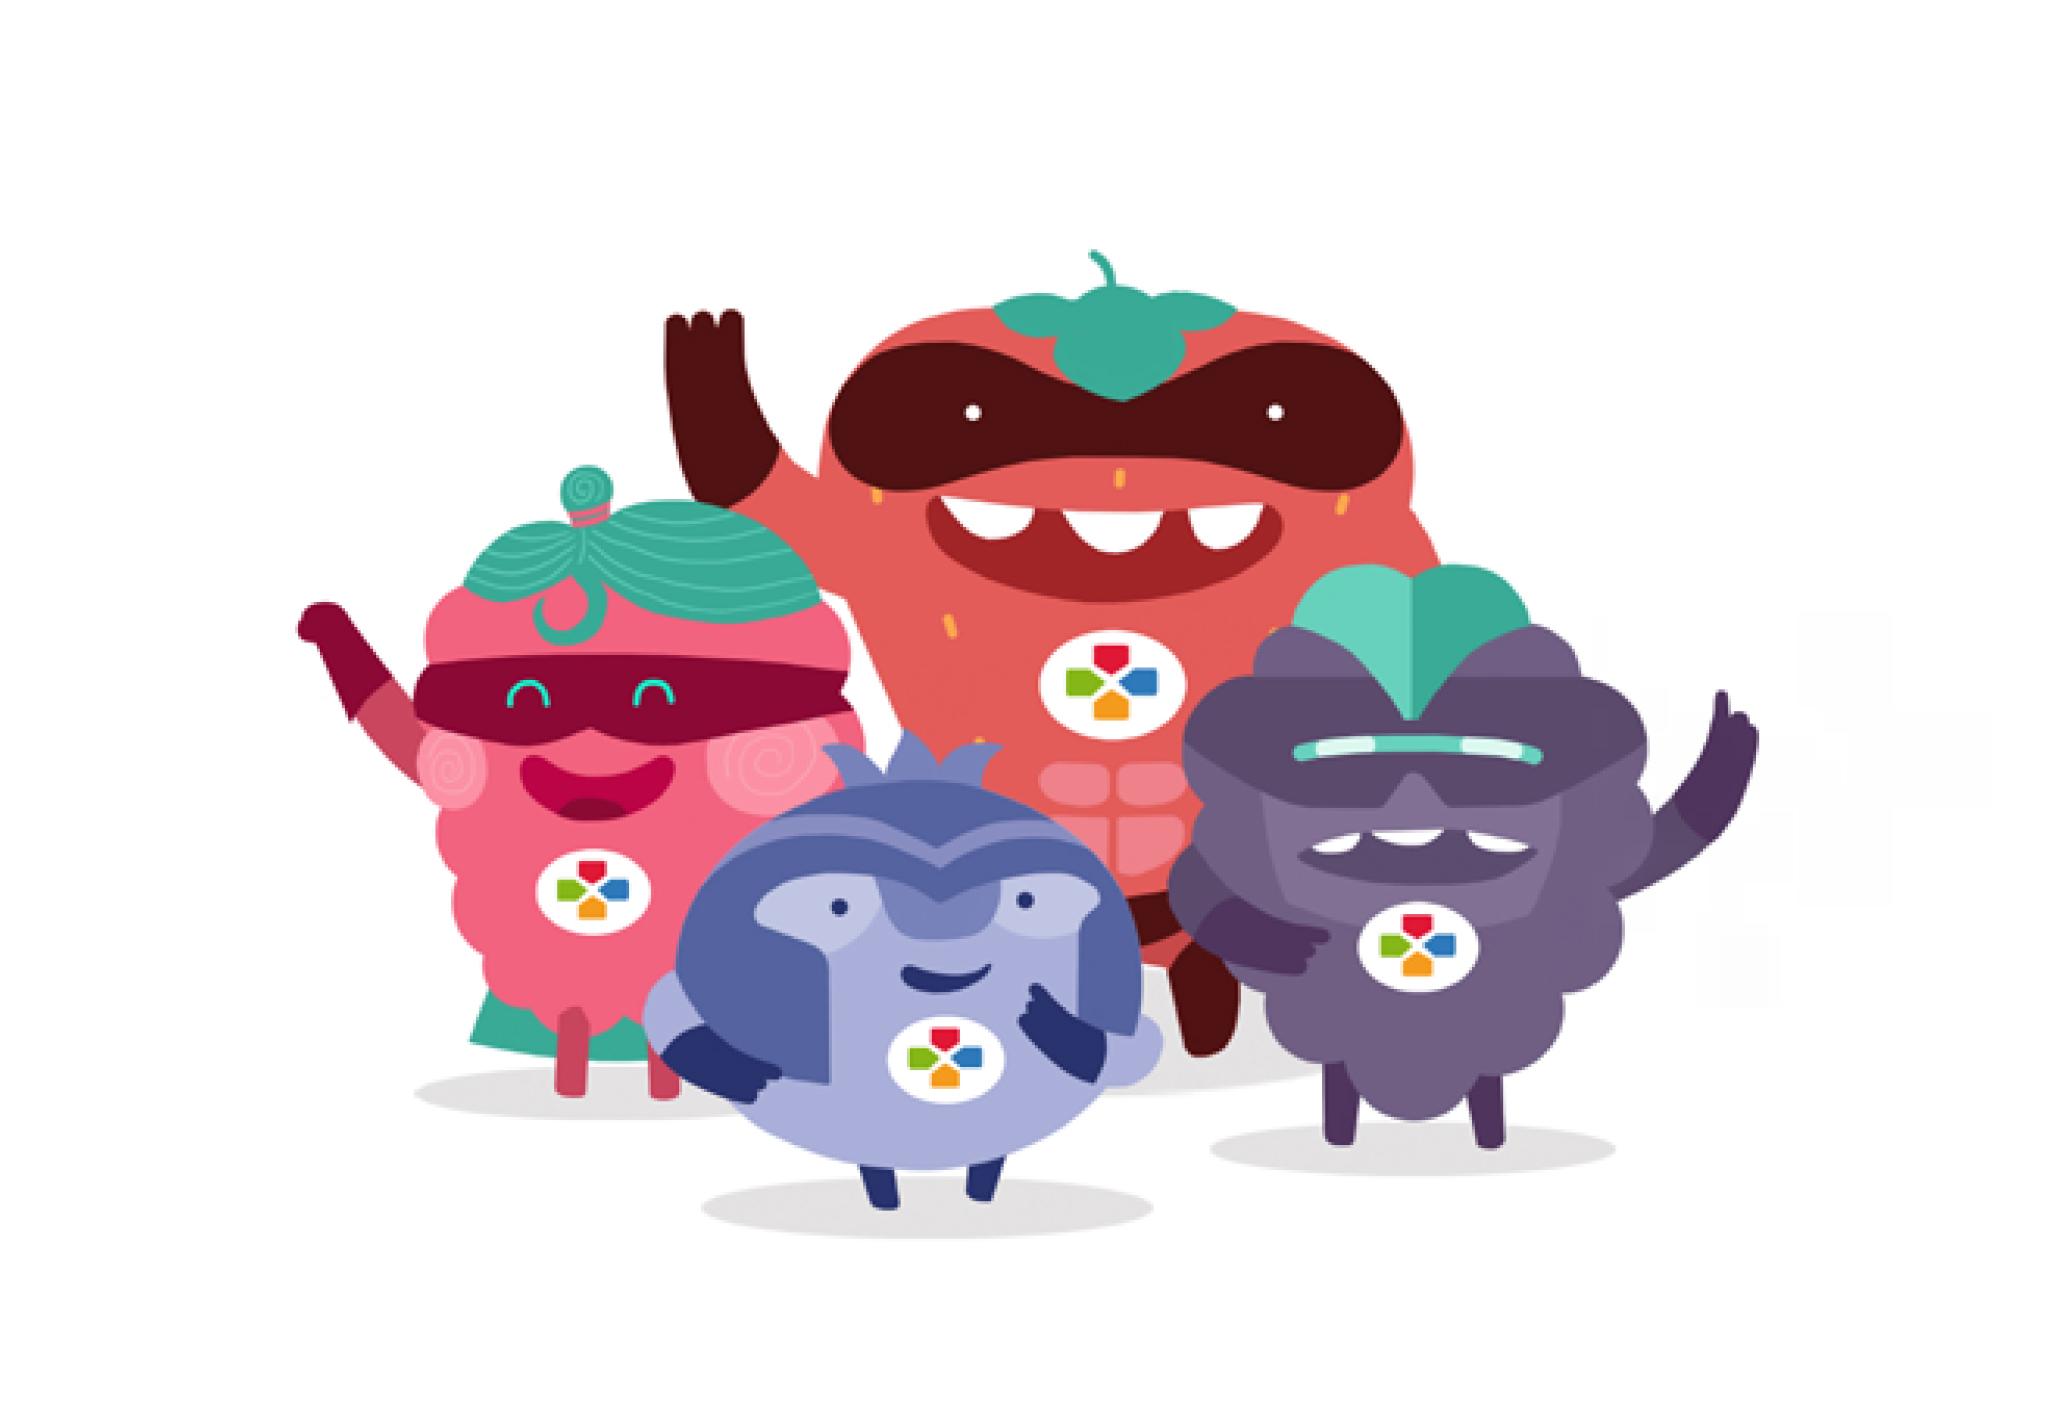 Las Súper berries serán las protagonistas de una campaña sobre la difusión de los efectos saludables de las berries